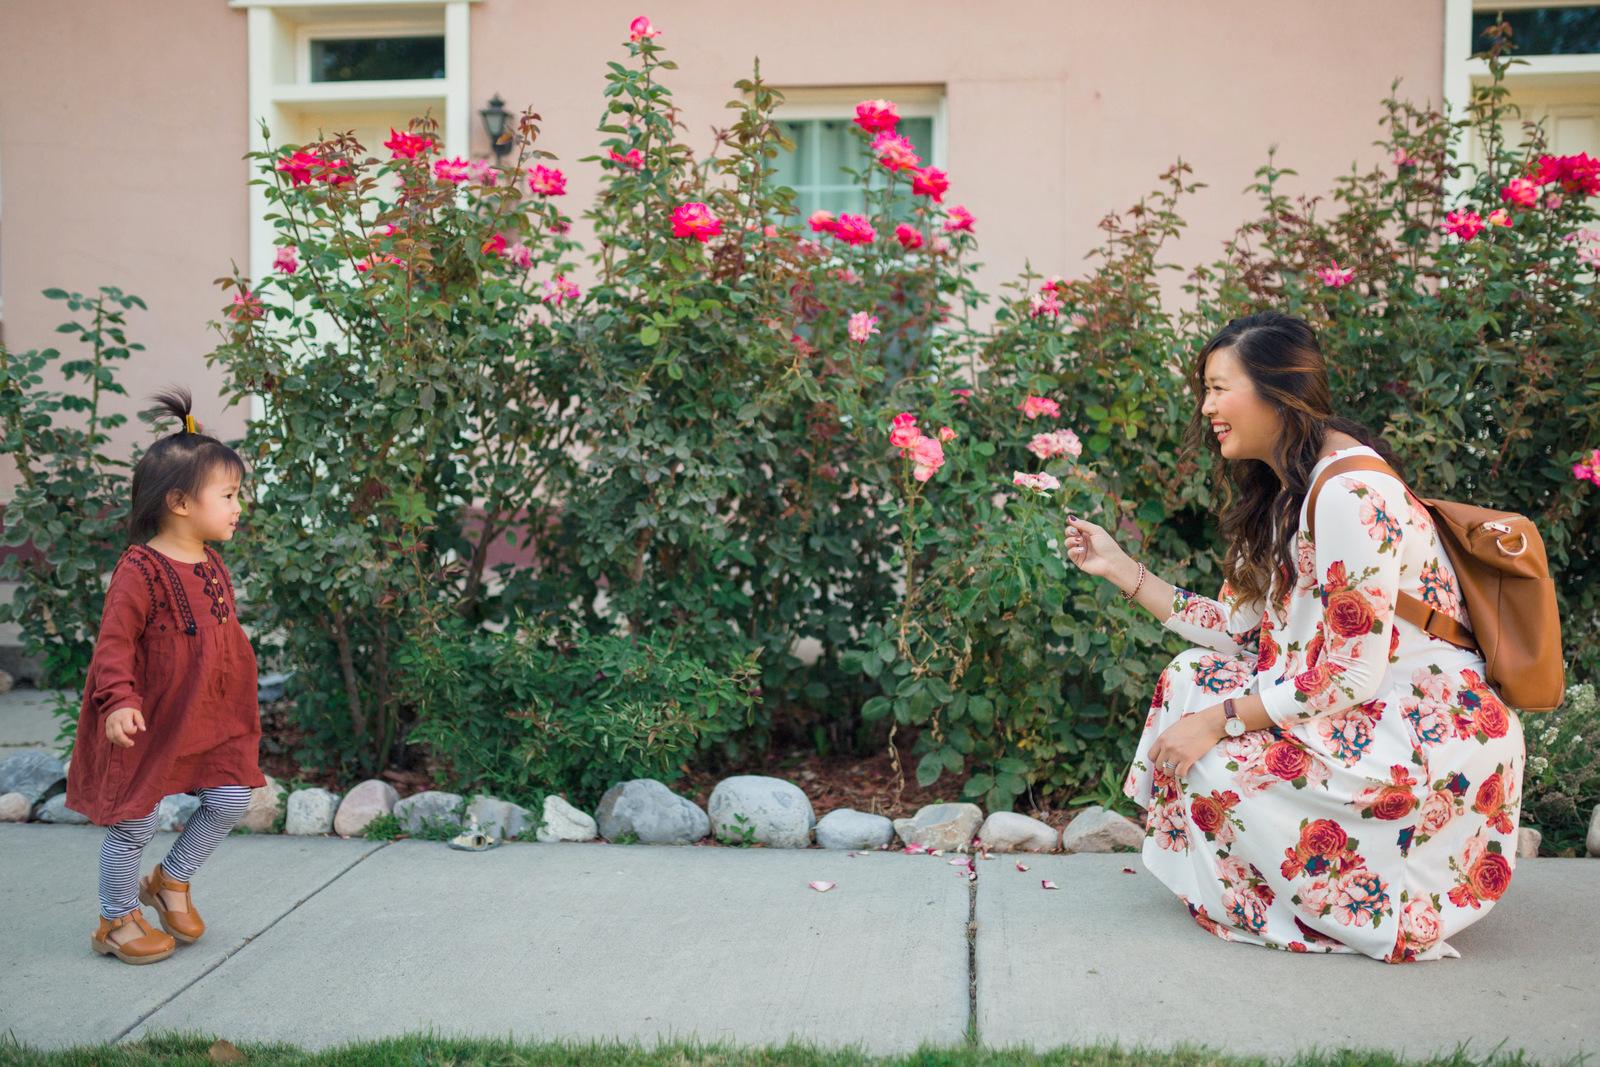 Utah fashion blogger